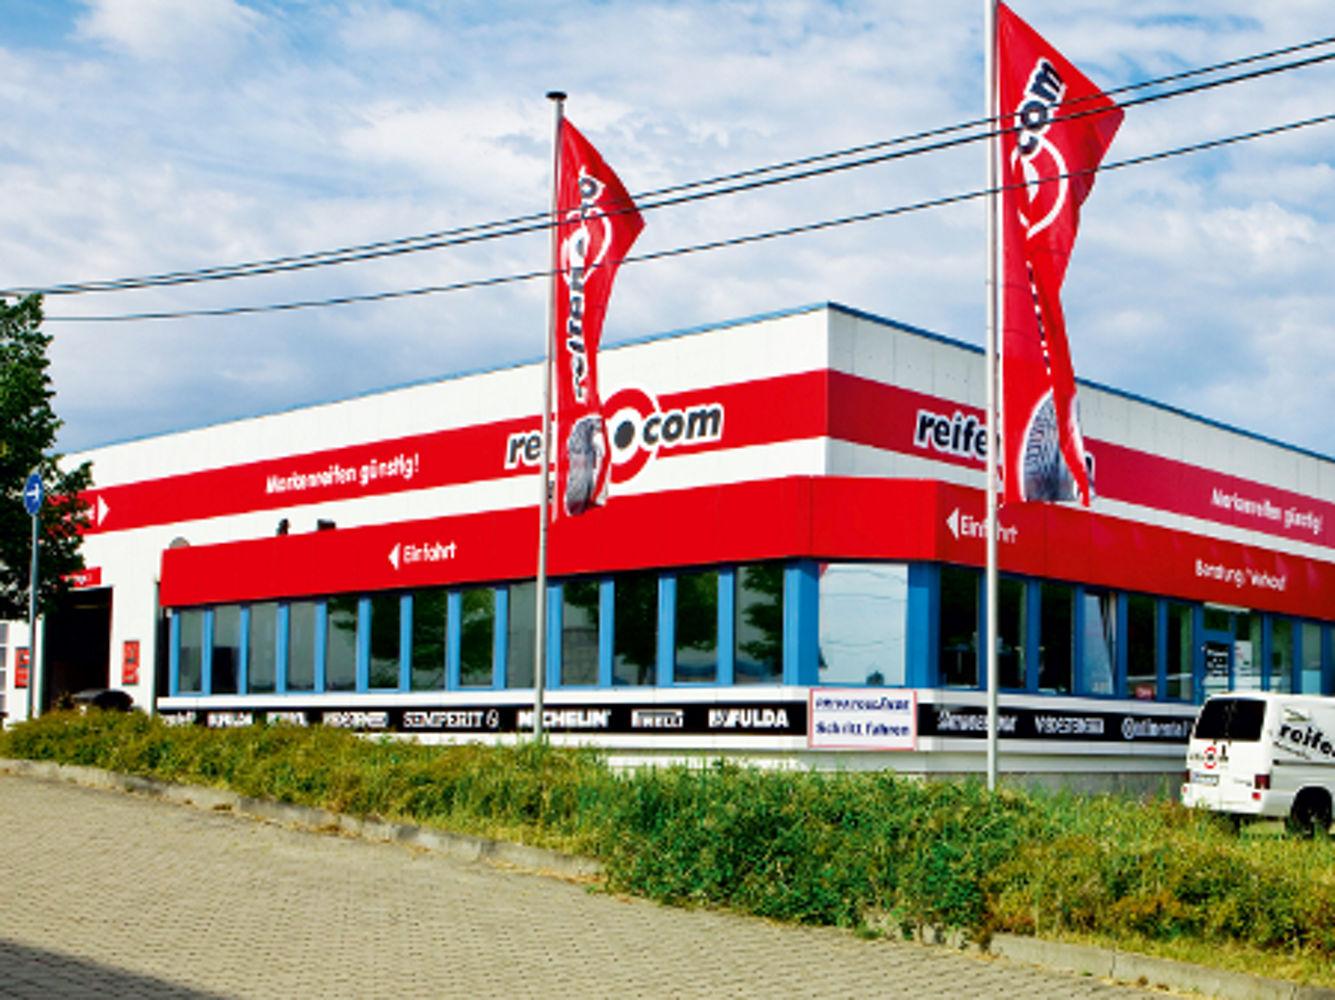 reifen.com-branch in Schkeuditz